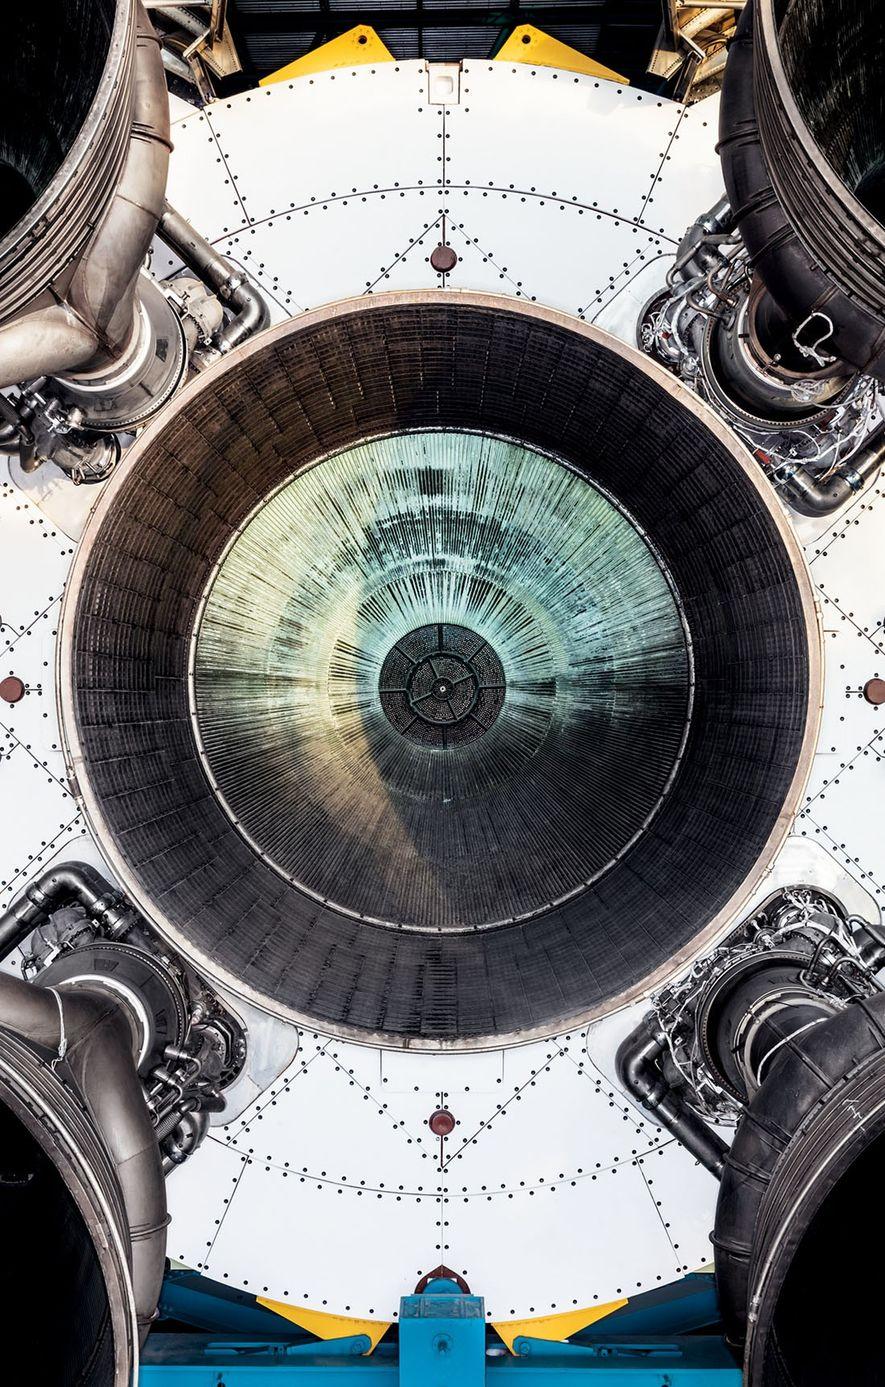 Cinco motores impeliam o estágio inicial do Saturno 5, que viabilizou quase todas as missões Apollo e conduziu os astronautas até a Lua. Os cinco propulsores geravam a energia de 85 usinas hidrelétricas como a de Hoover,no Rio Colorado.